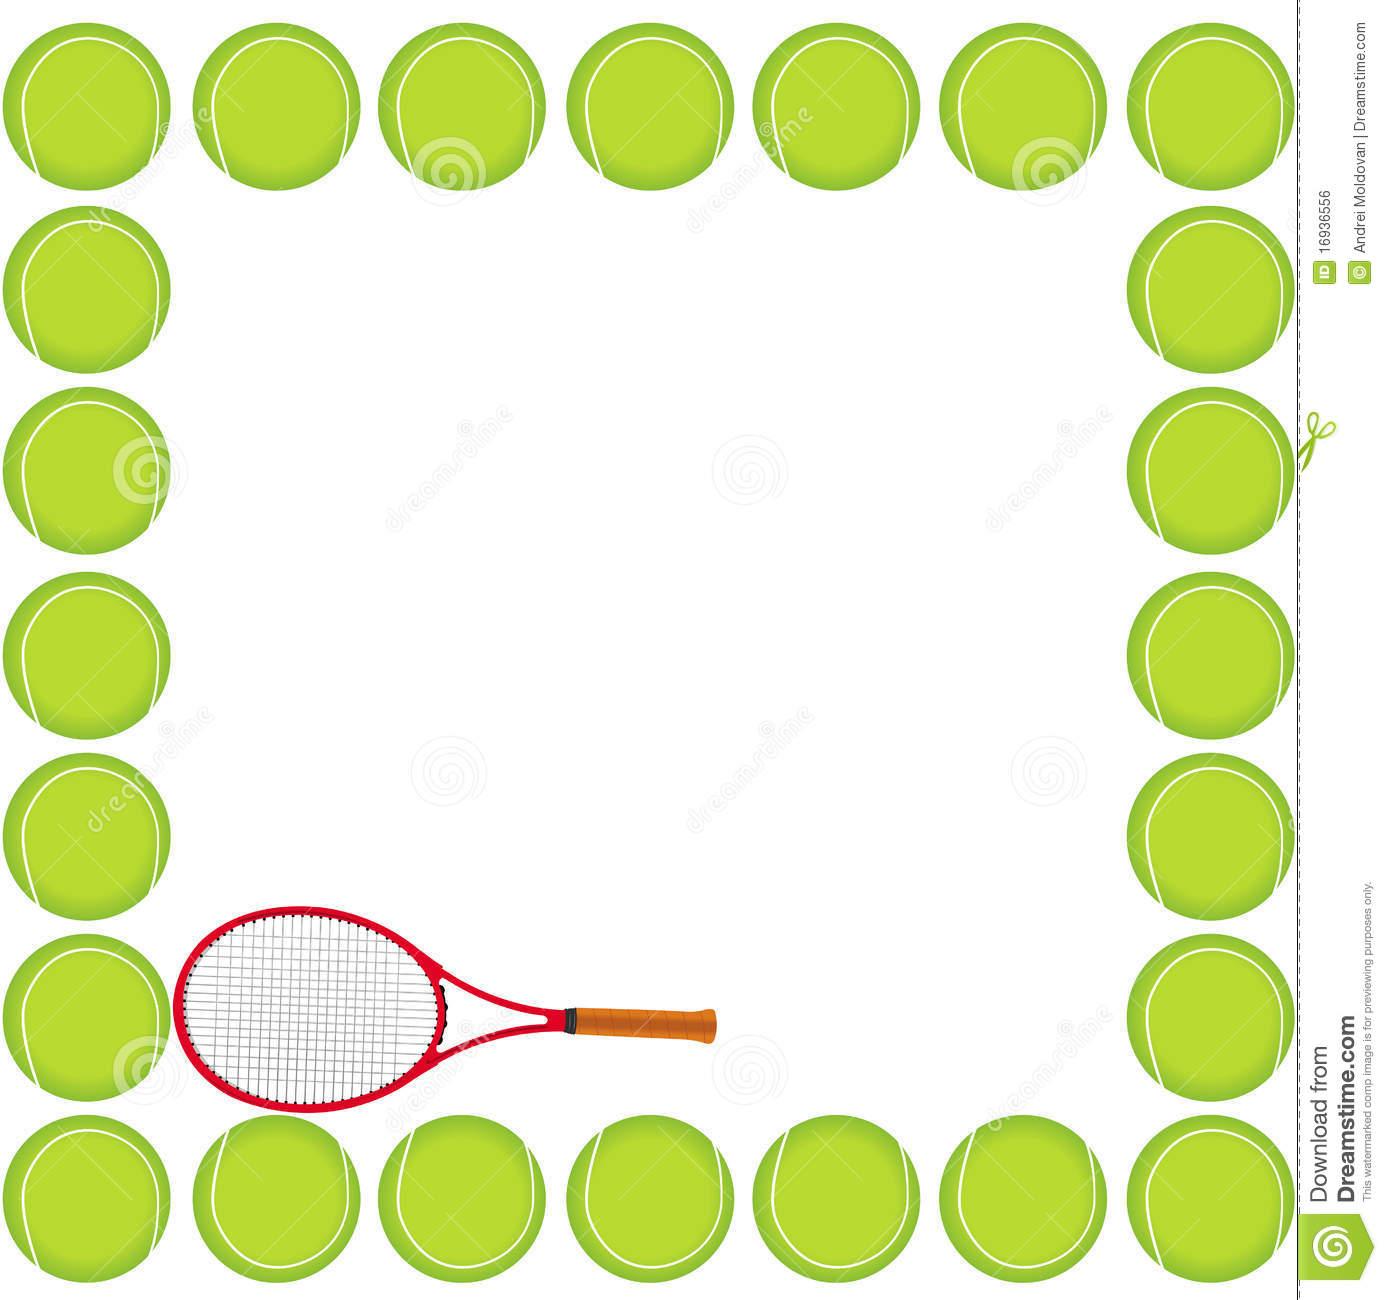 1387x1300 Tennis Ball Clipart Freebie